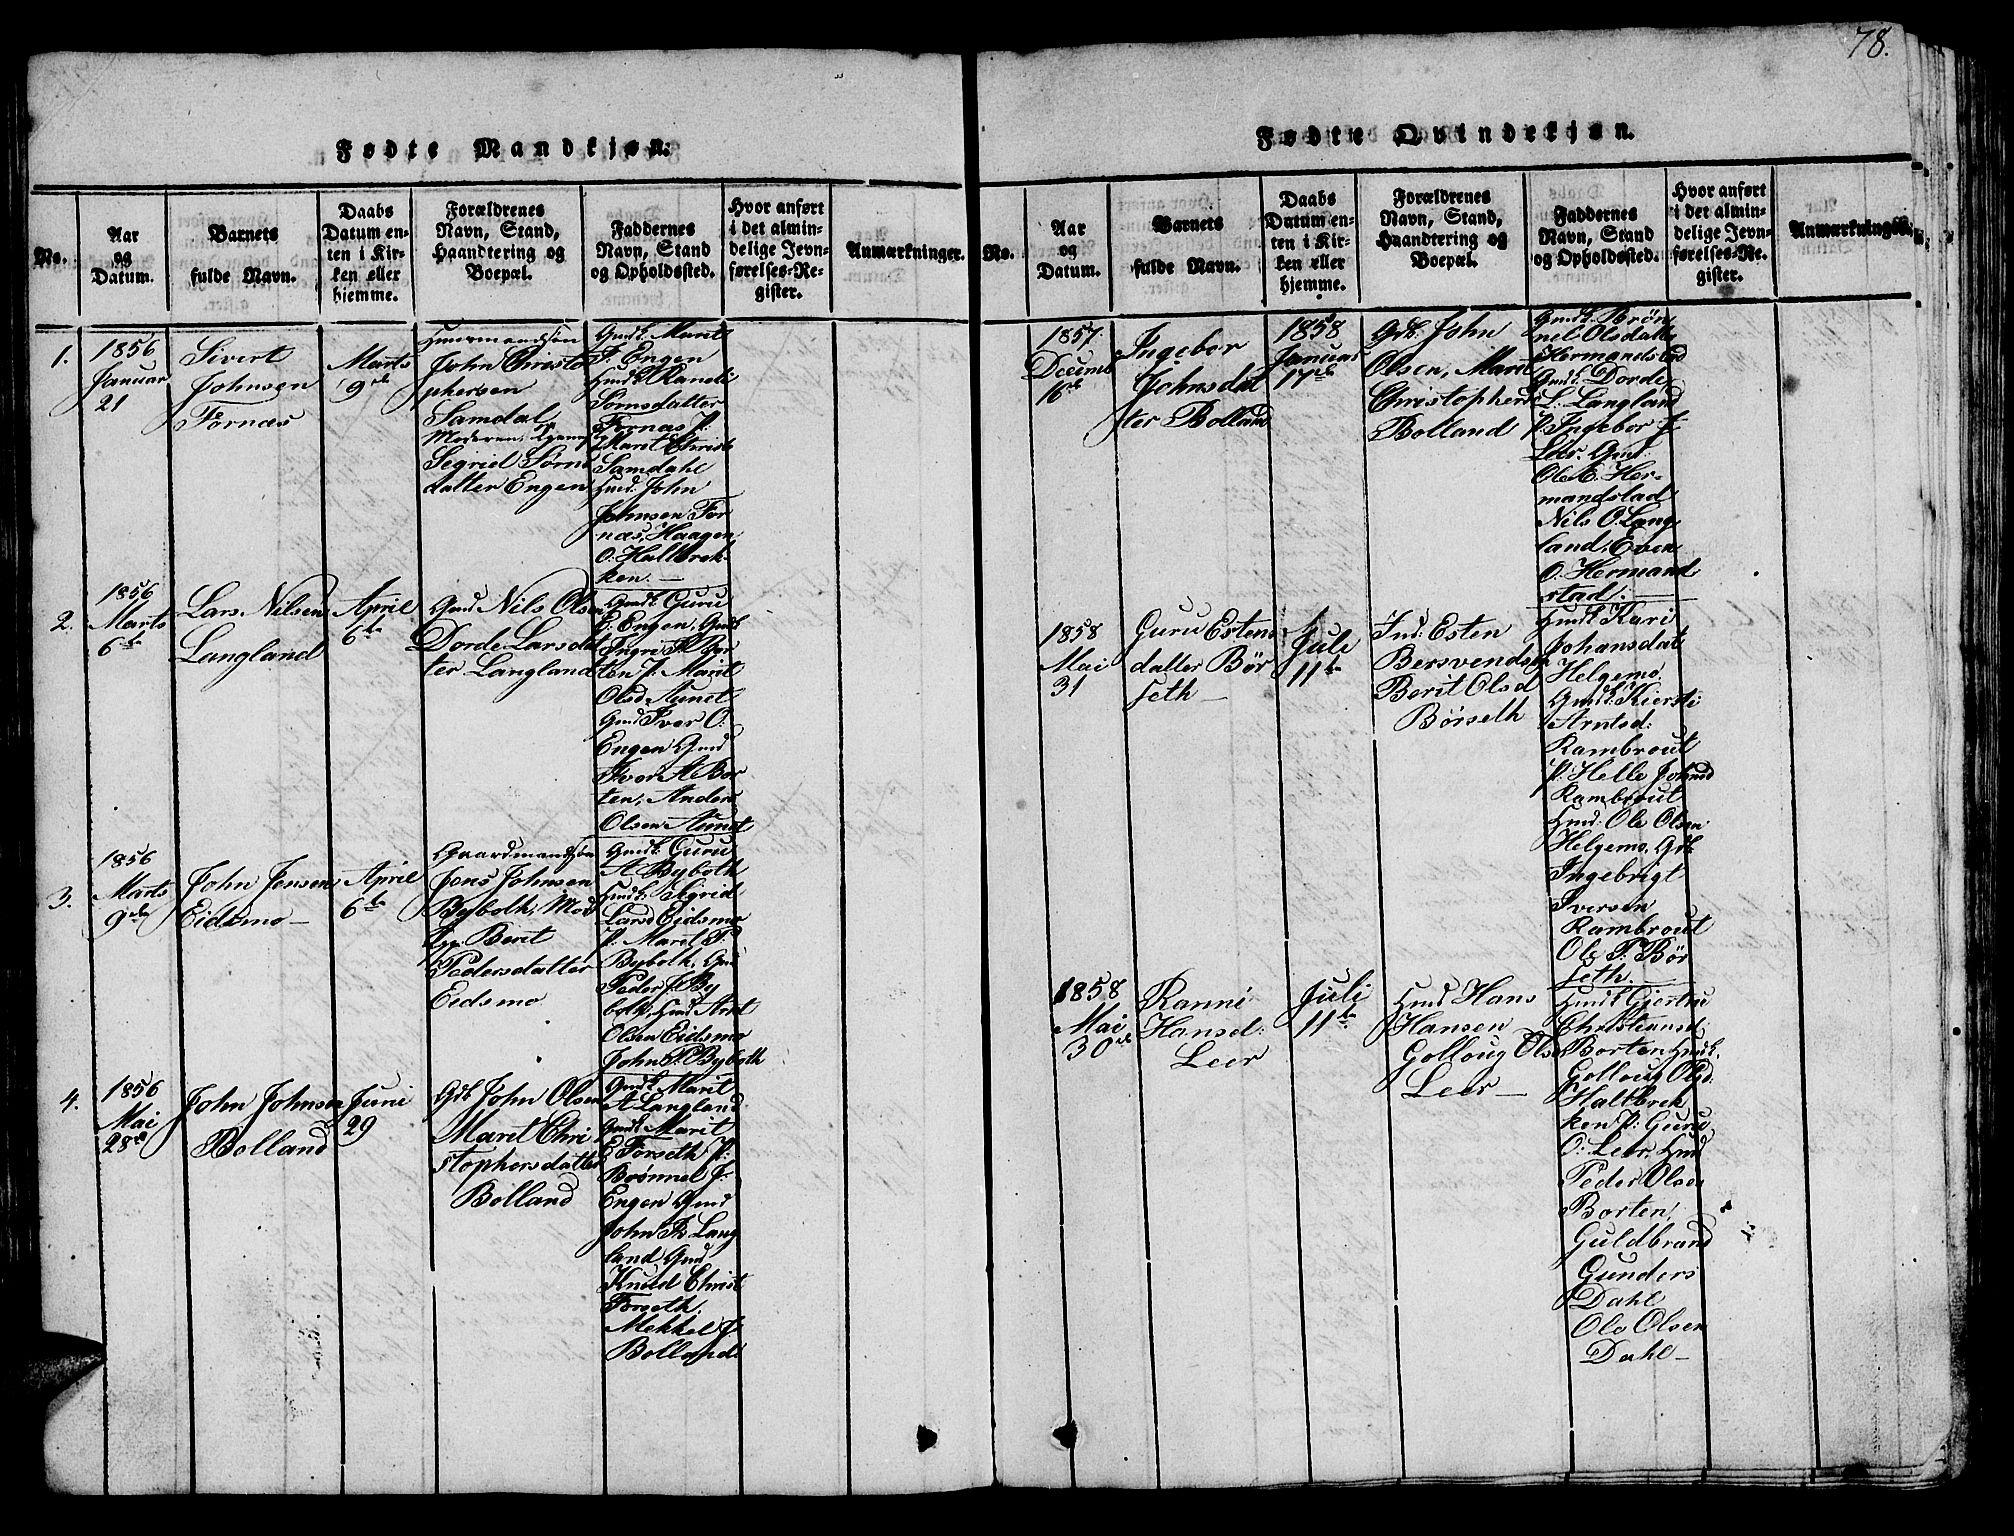 SAT, Ministerialprotokoller, klokkerbøker og fødselsregistre - Sør-Trøndelag, 693/L1121: Klokkerbok nr. 693C02, 1816-1869, s. 78